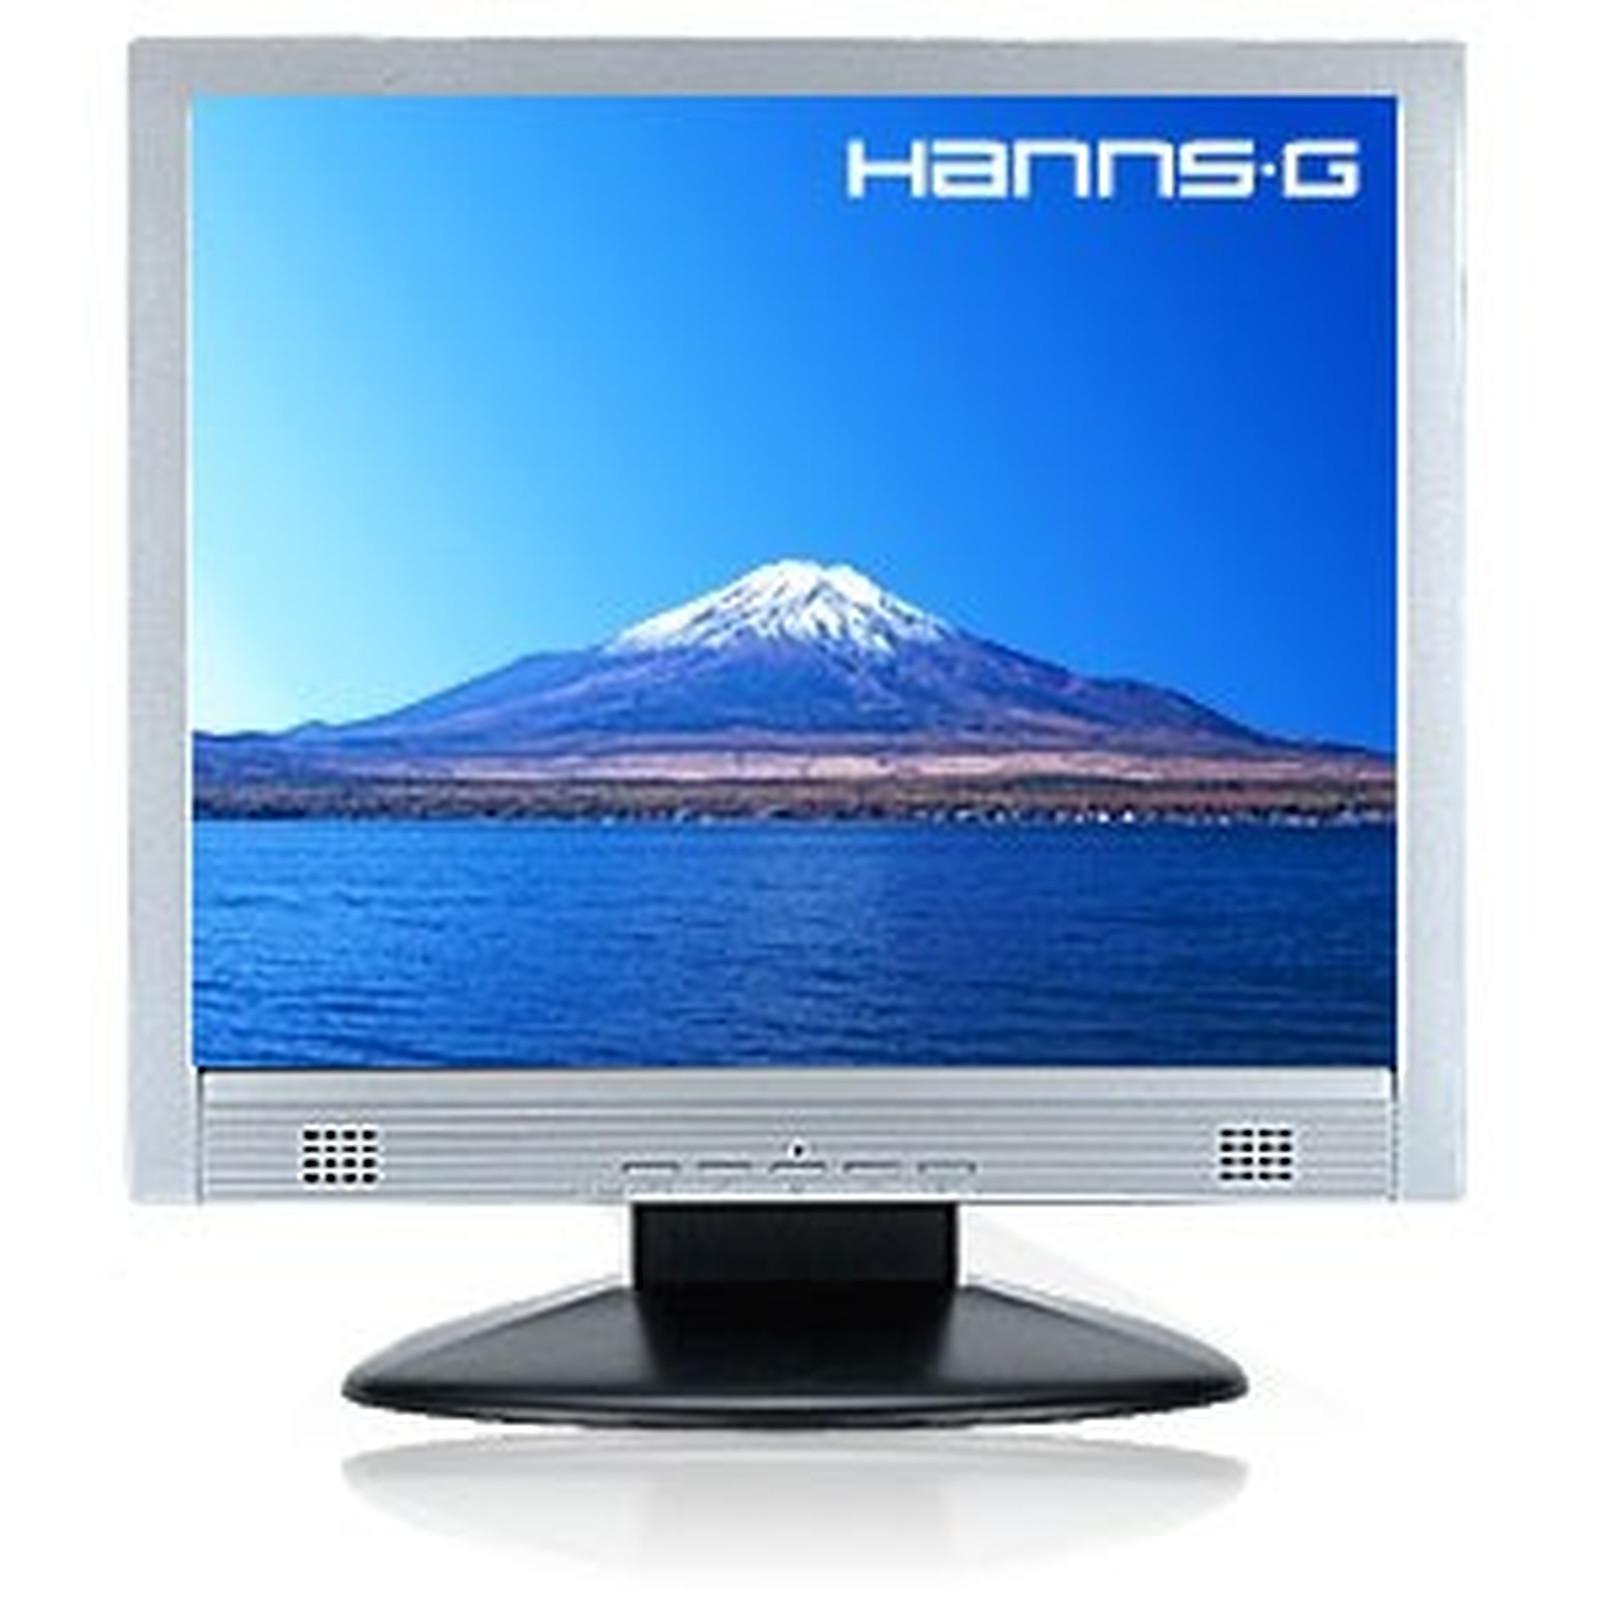 Hanns-g hg216d driver.